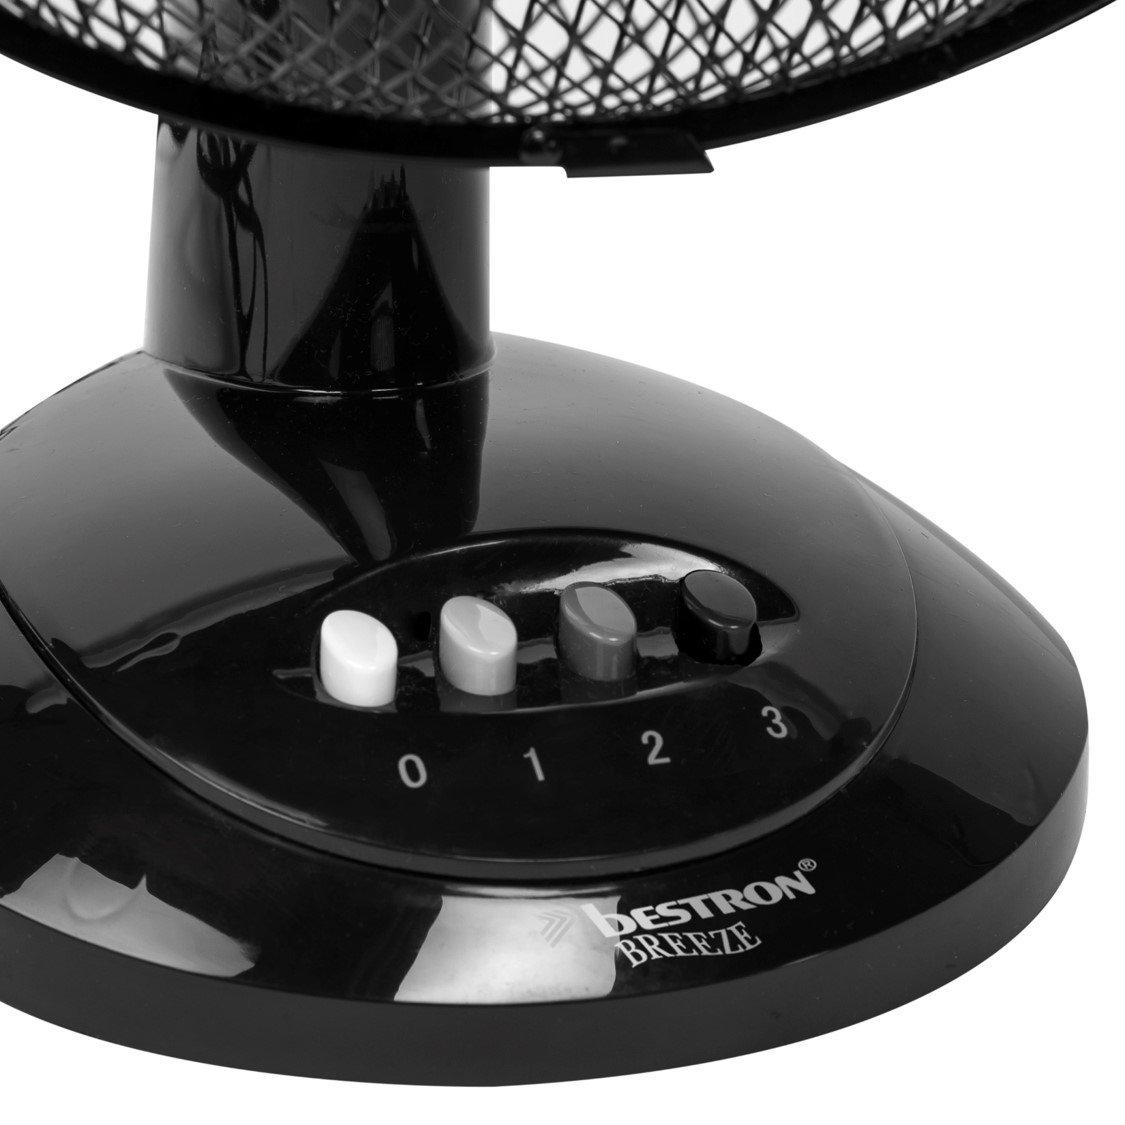 30 W 27 cm Bestron DDF27Z Ventilateur de Table Noir